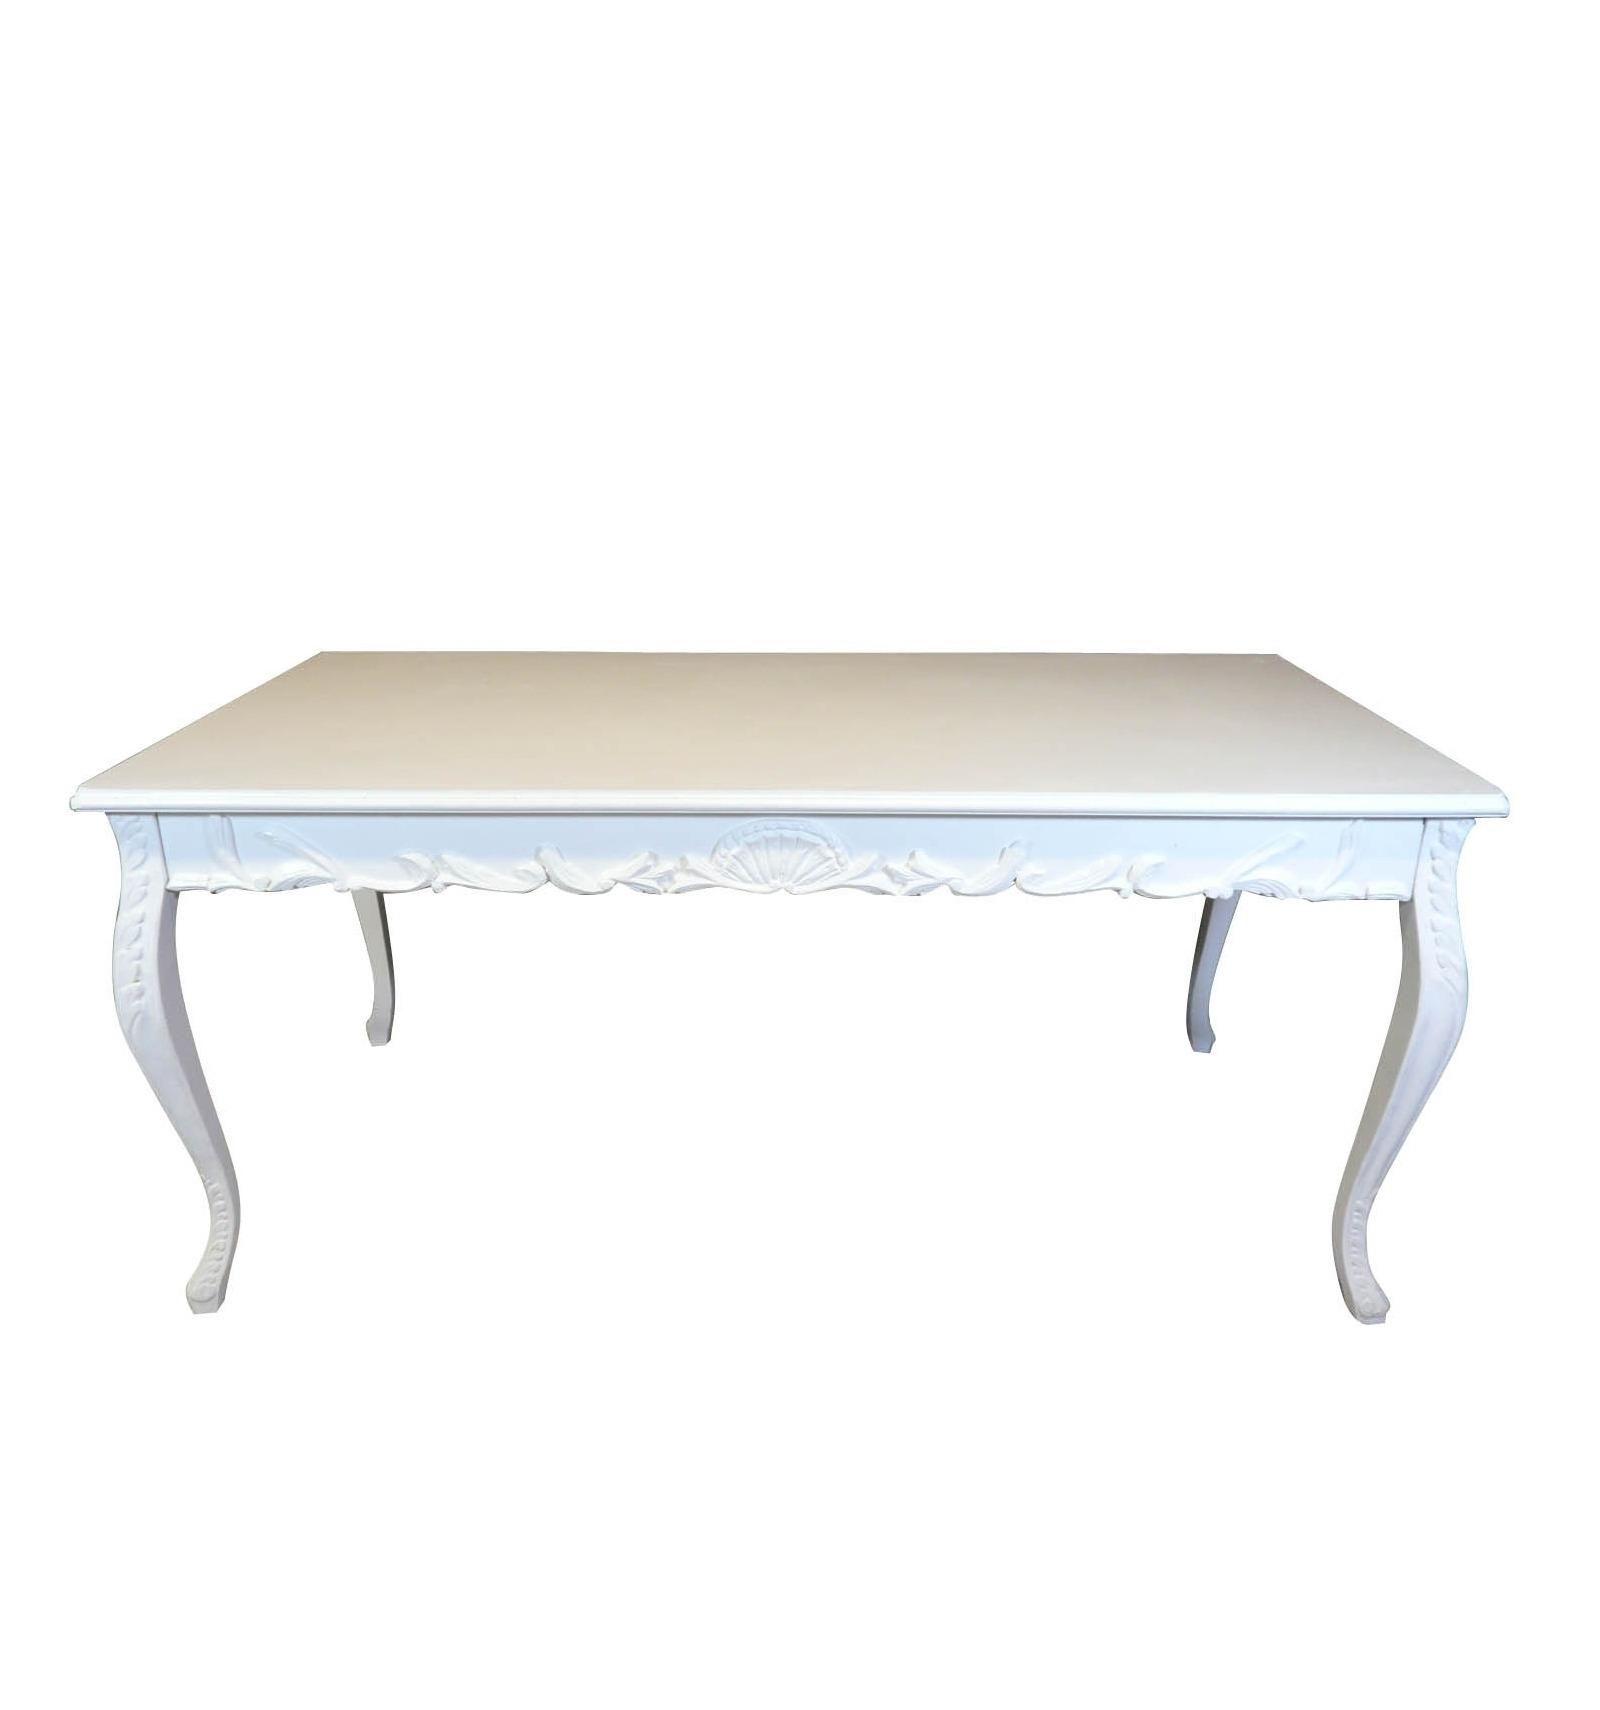 Table Baroque Blanche De Salle Manger Pour 8 Personnes